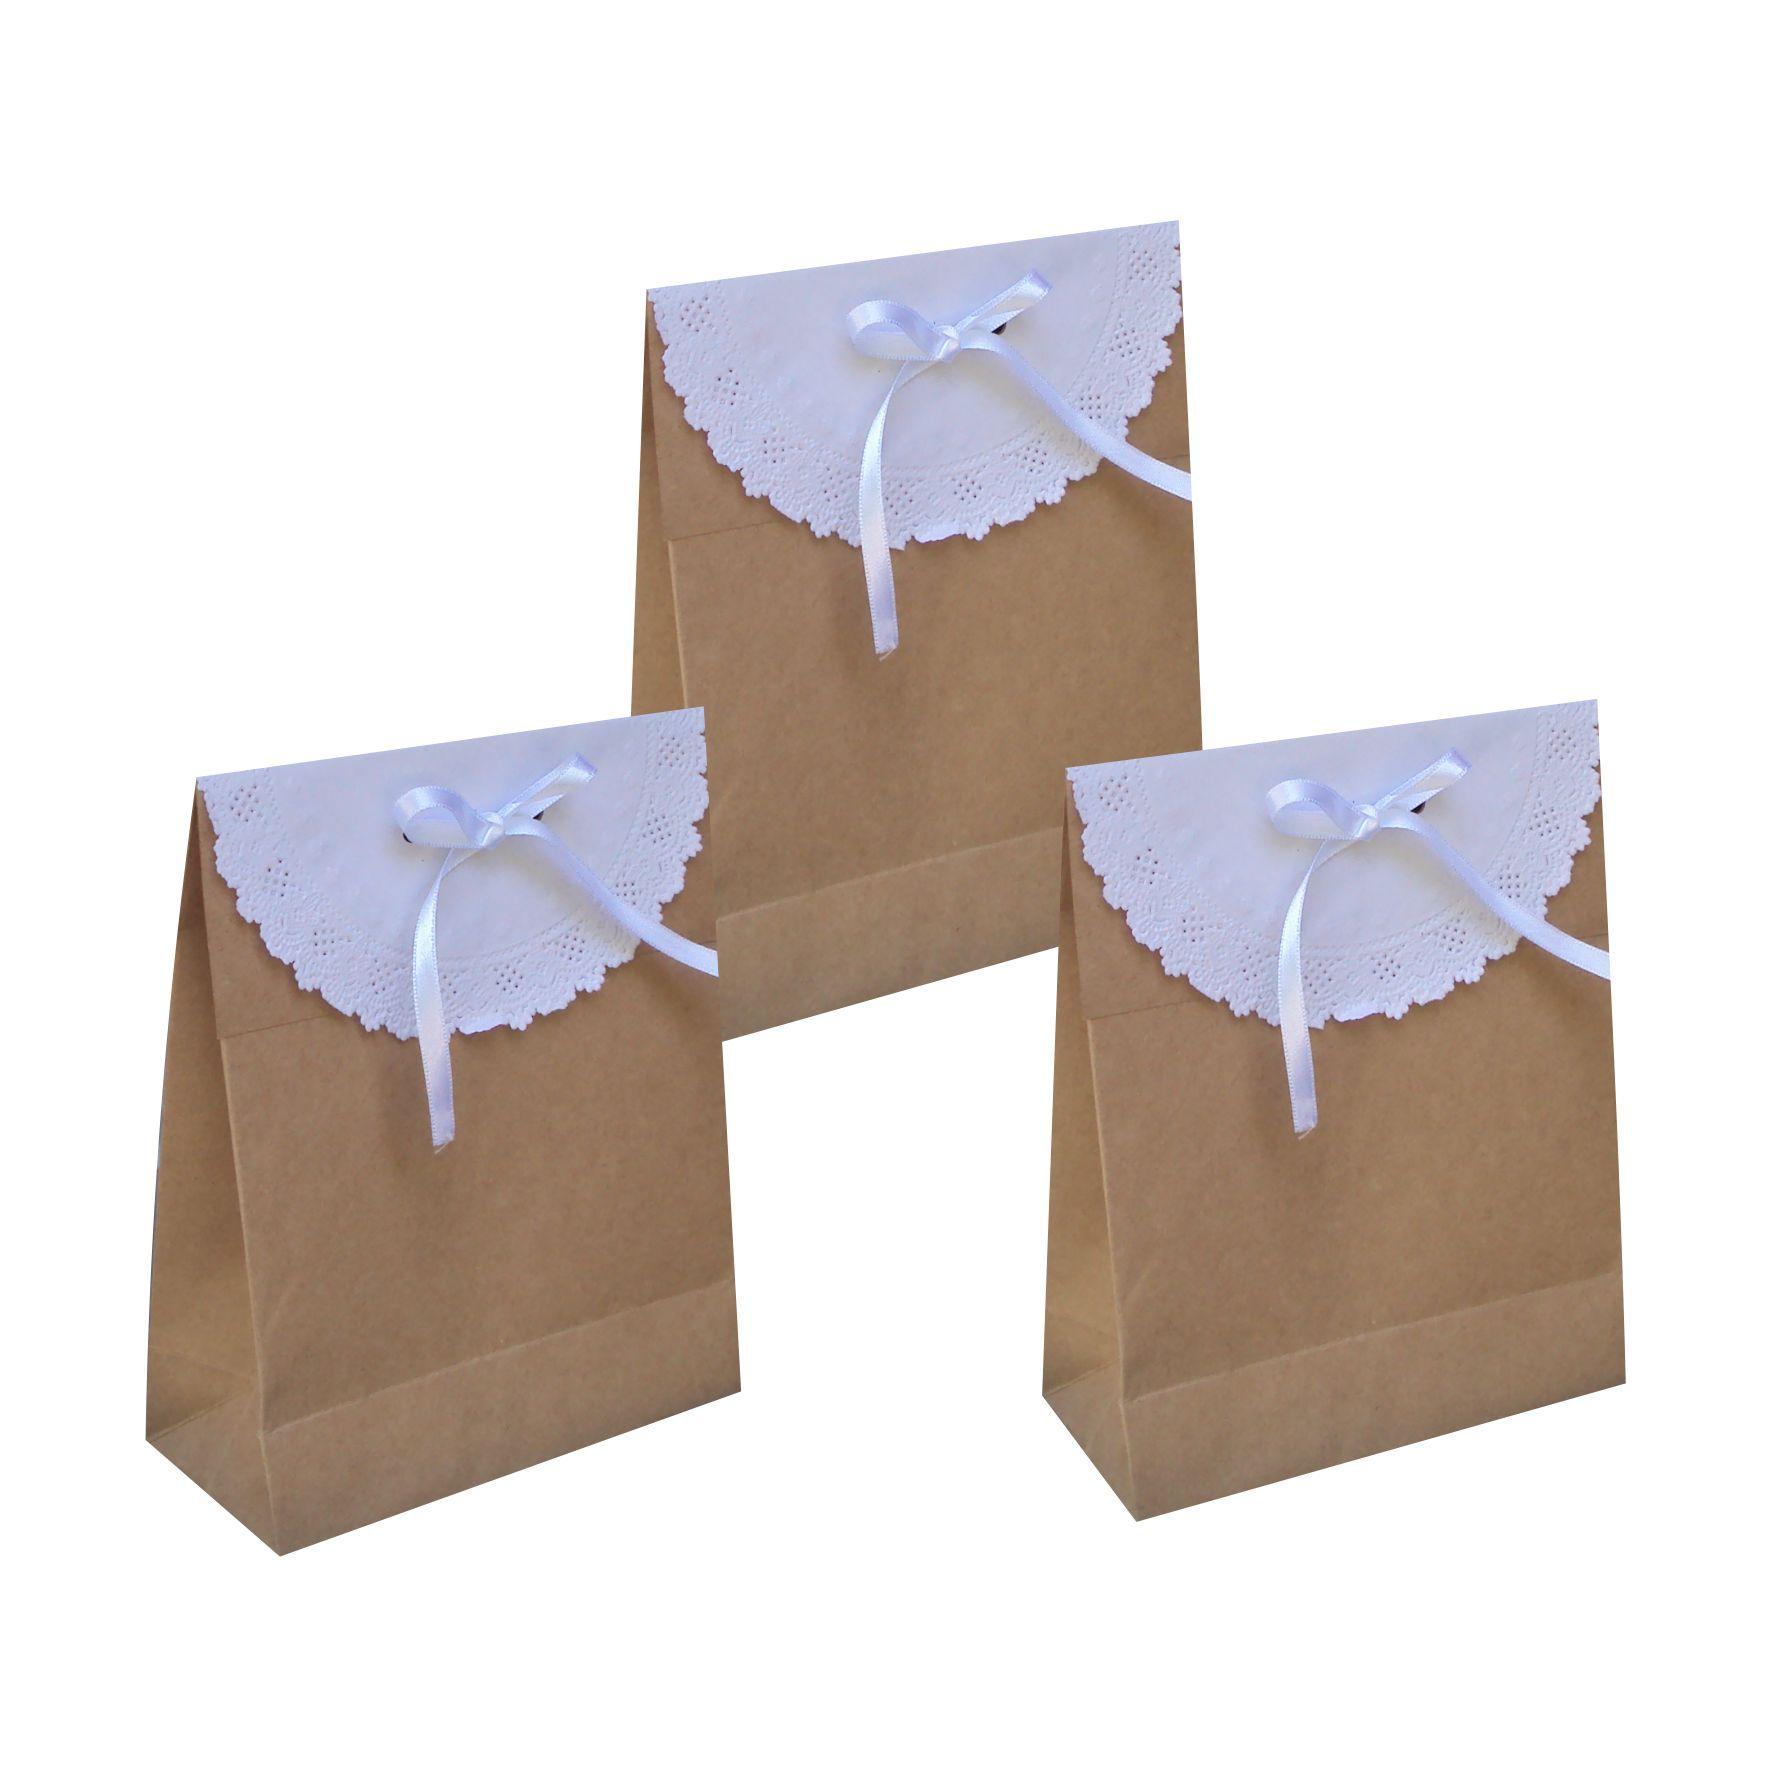 Saco kraft pequeno com papel rendado (15x17x6,5 cm) - cor pardo - 10 unidades